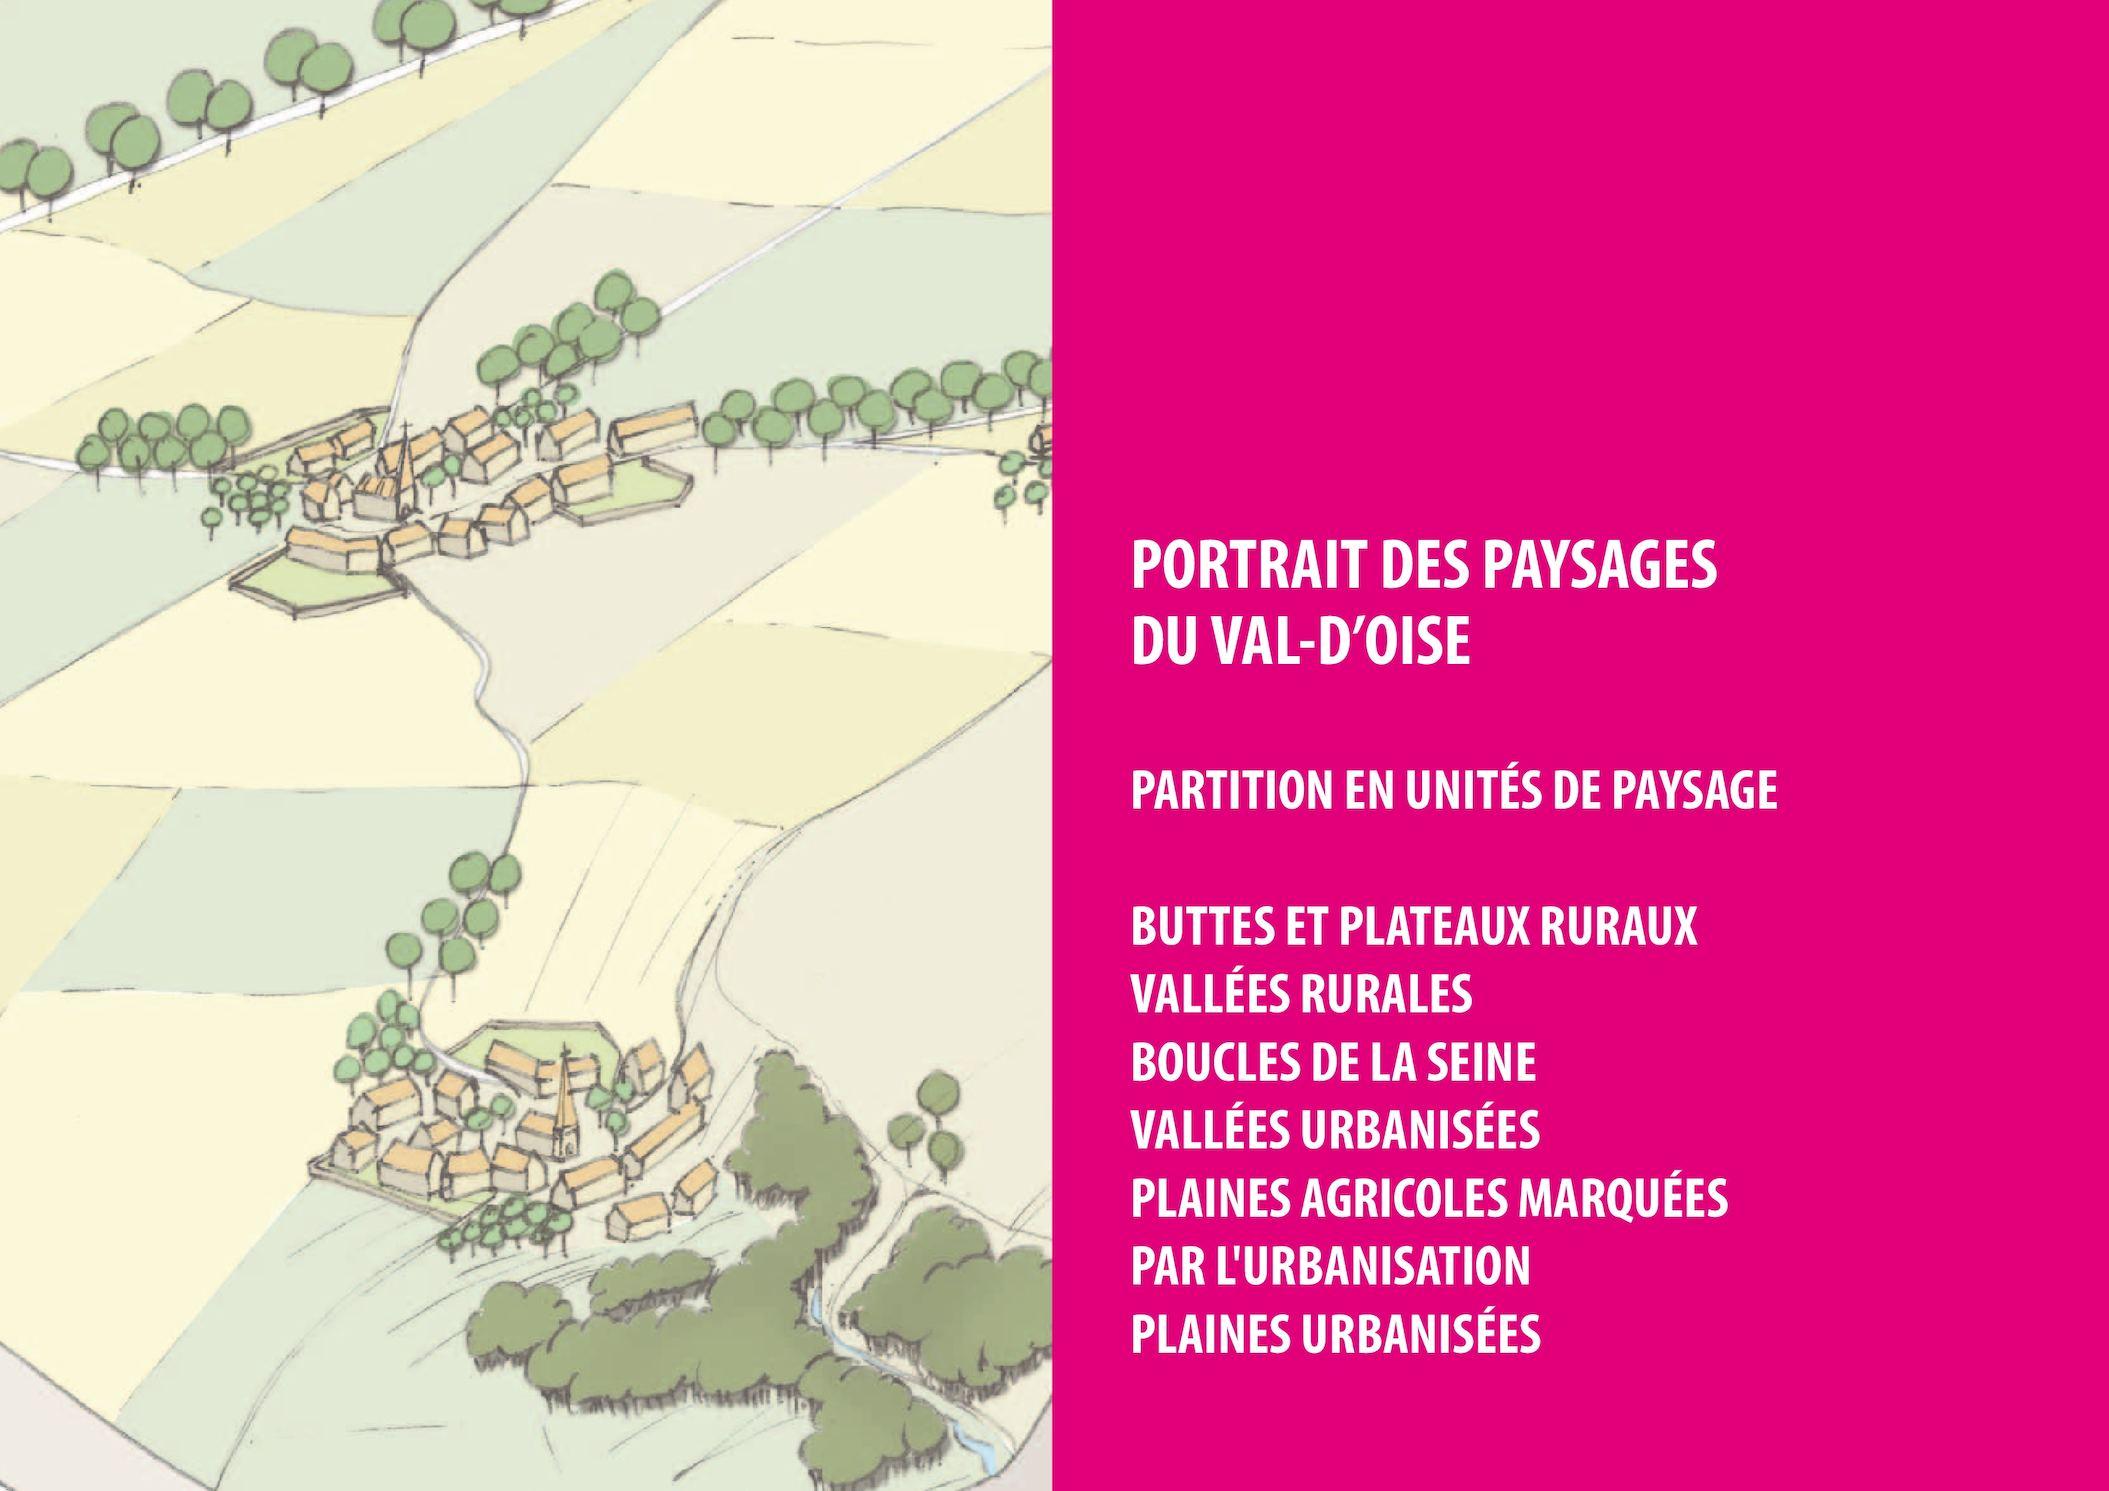 Atlas des Paysages I Portraits des paysages du Val-d'Oise